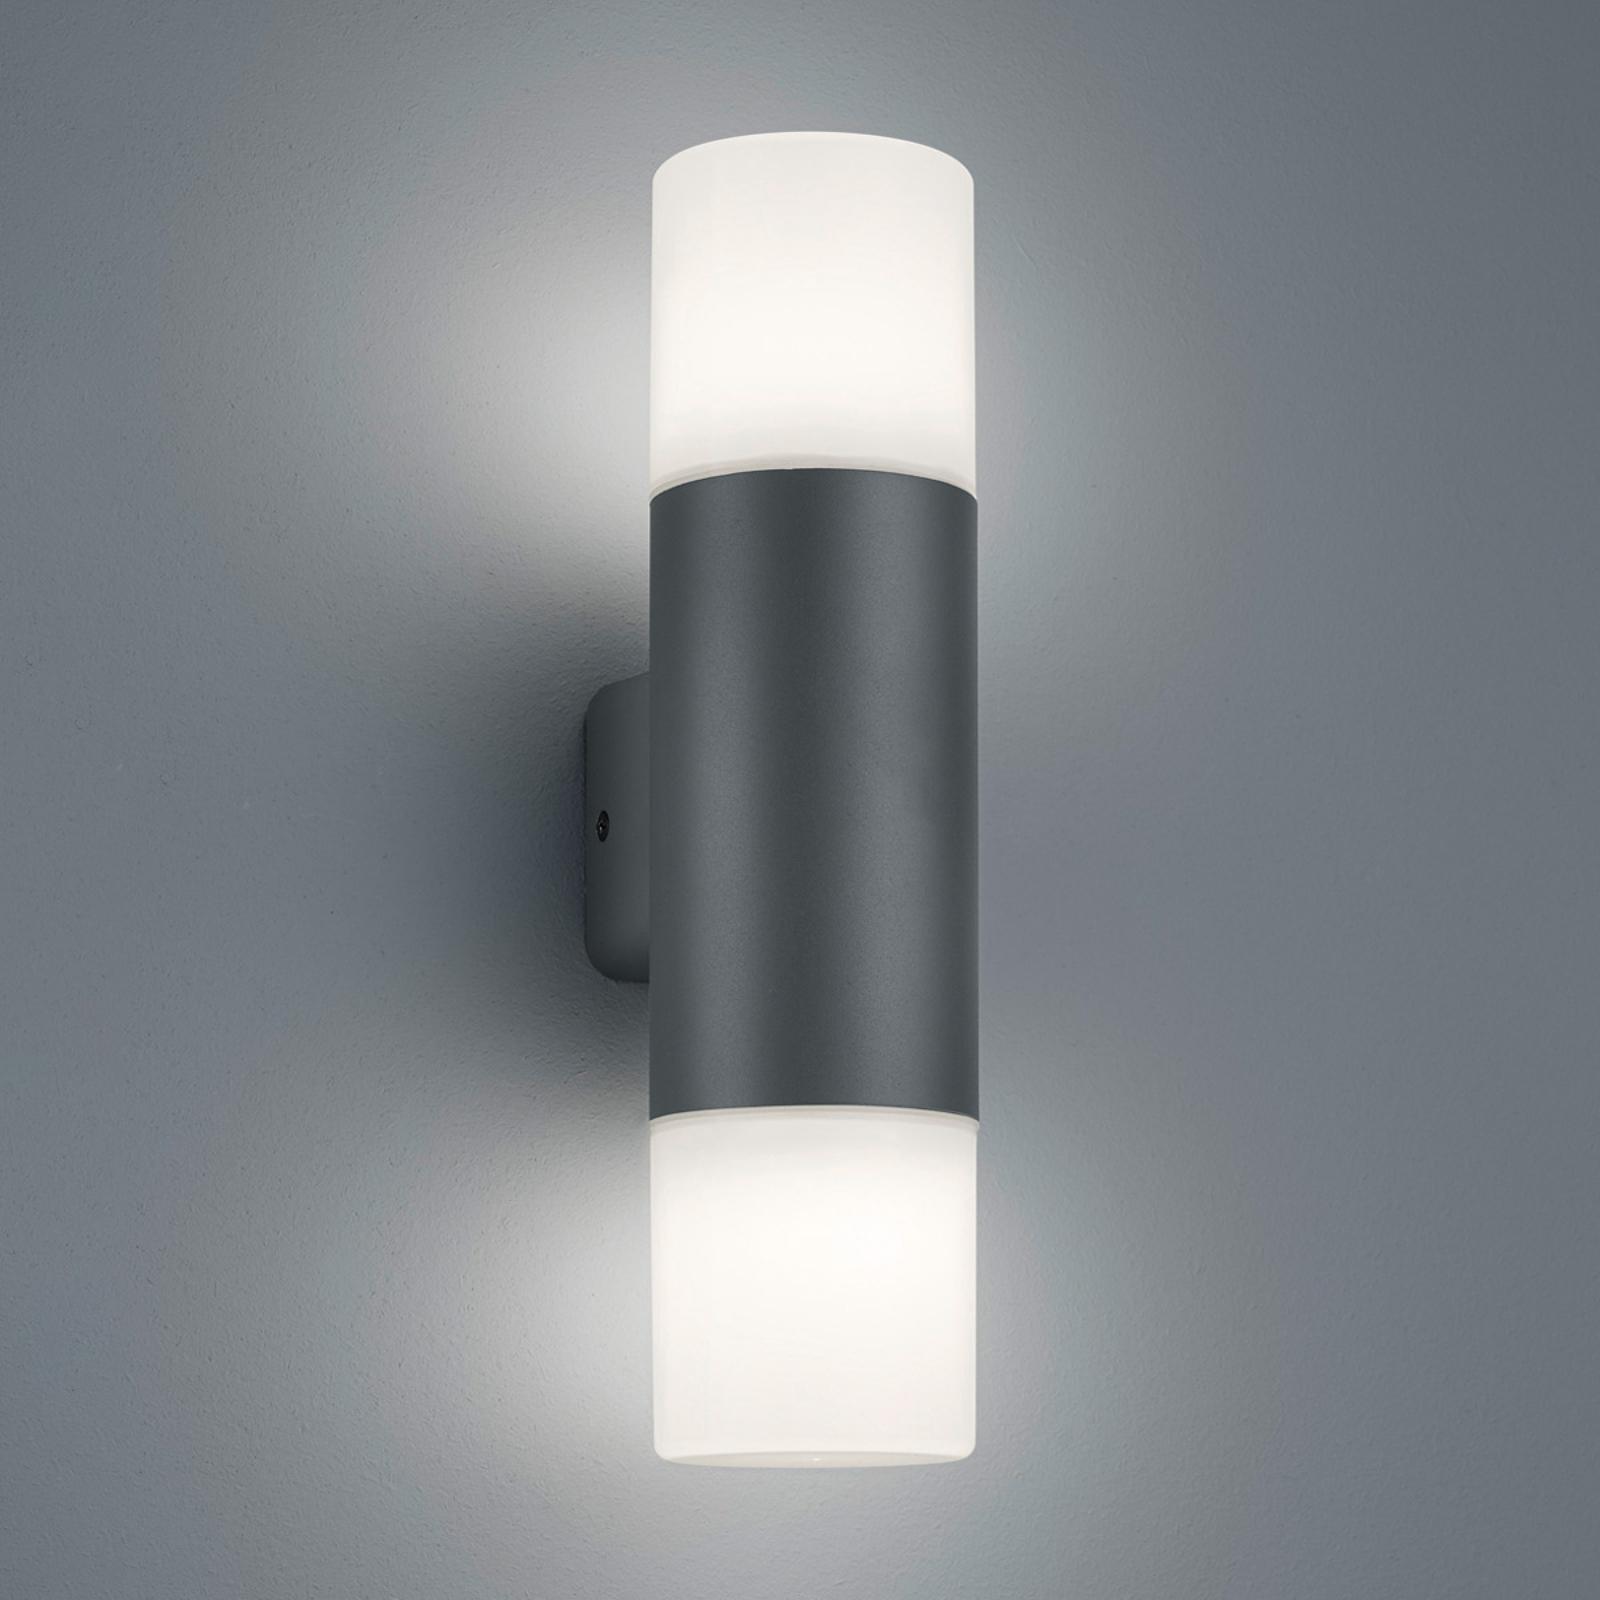 Buitenwandlamp Hoosic 2-lamps, antraciet